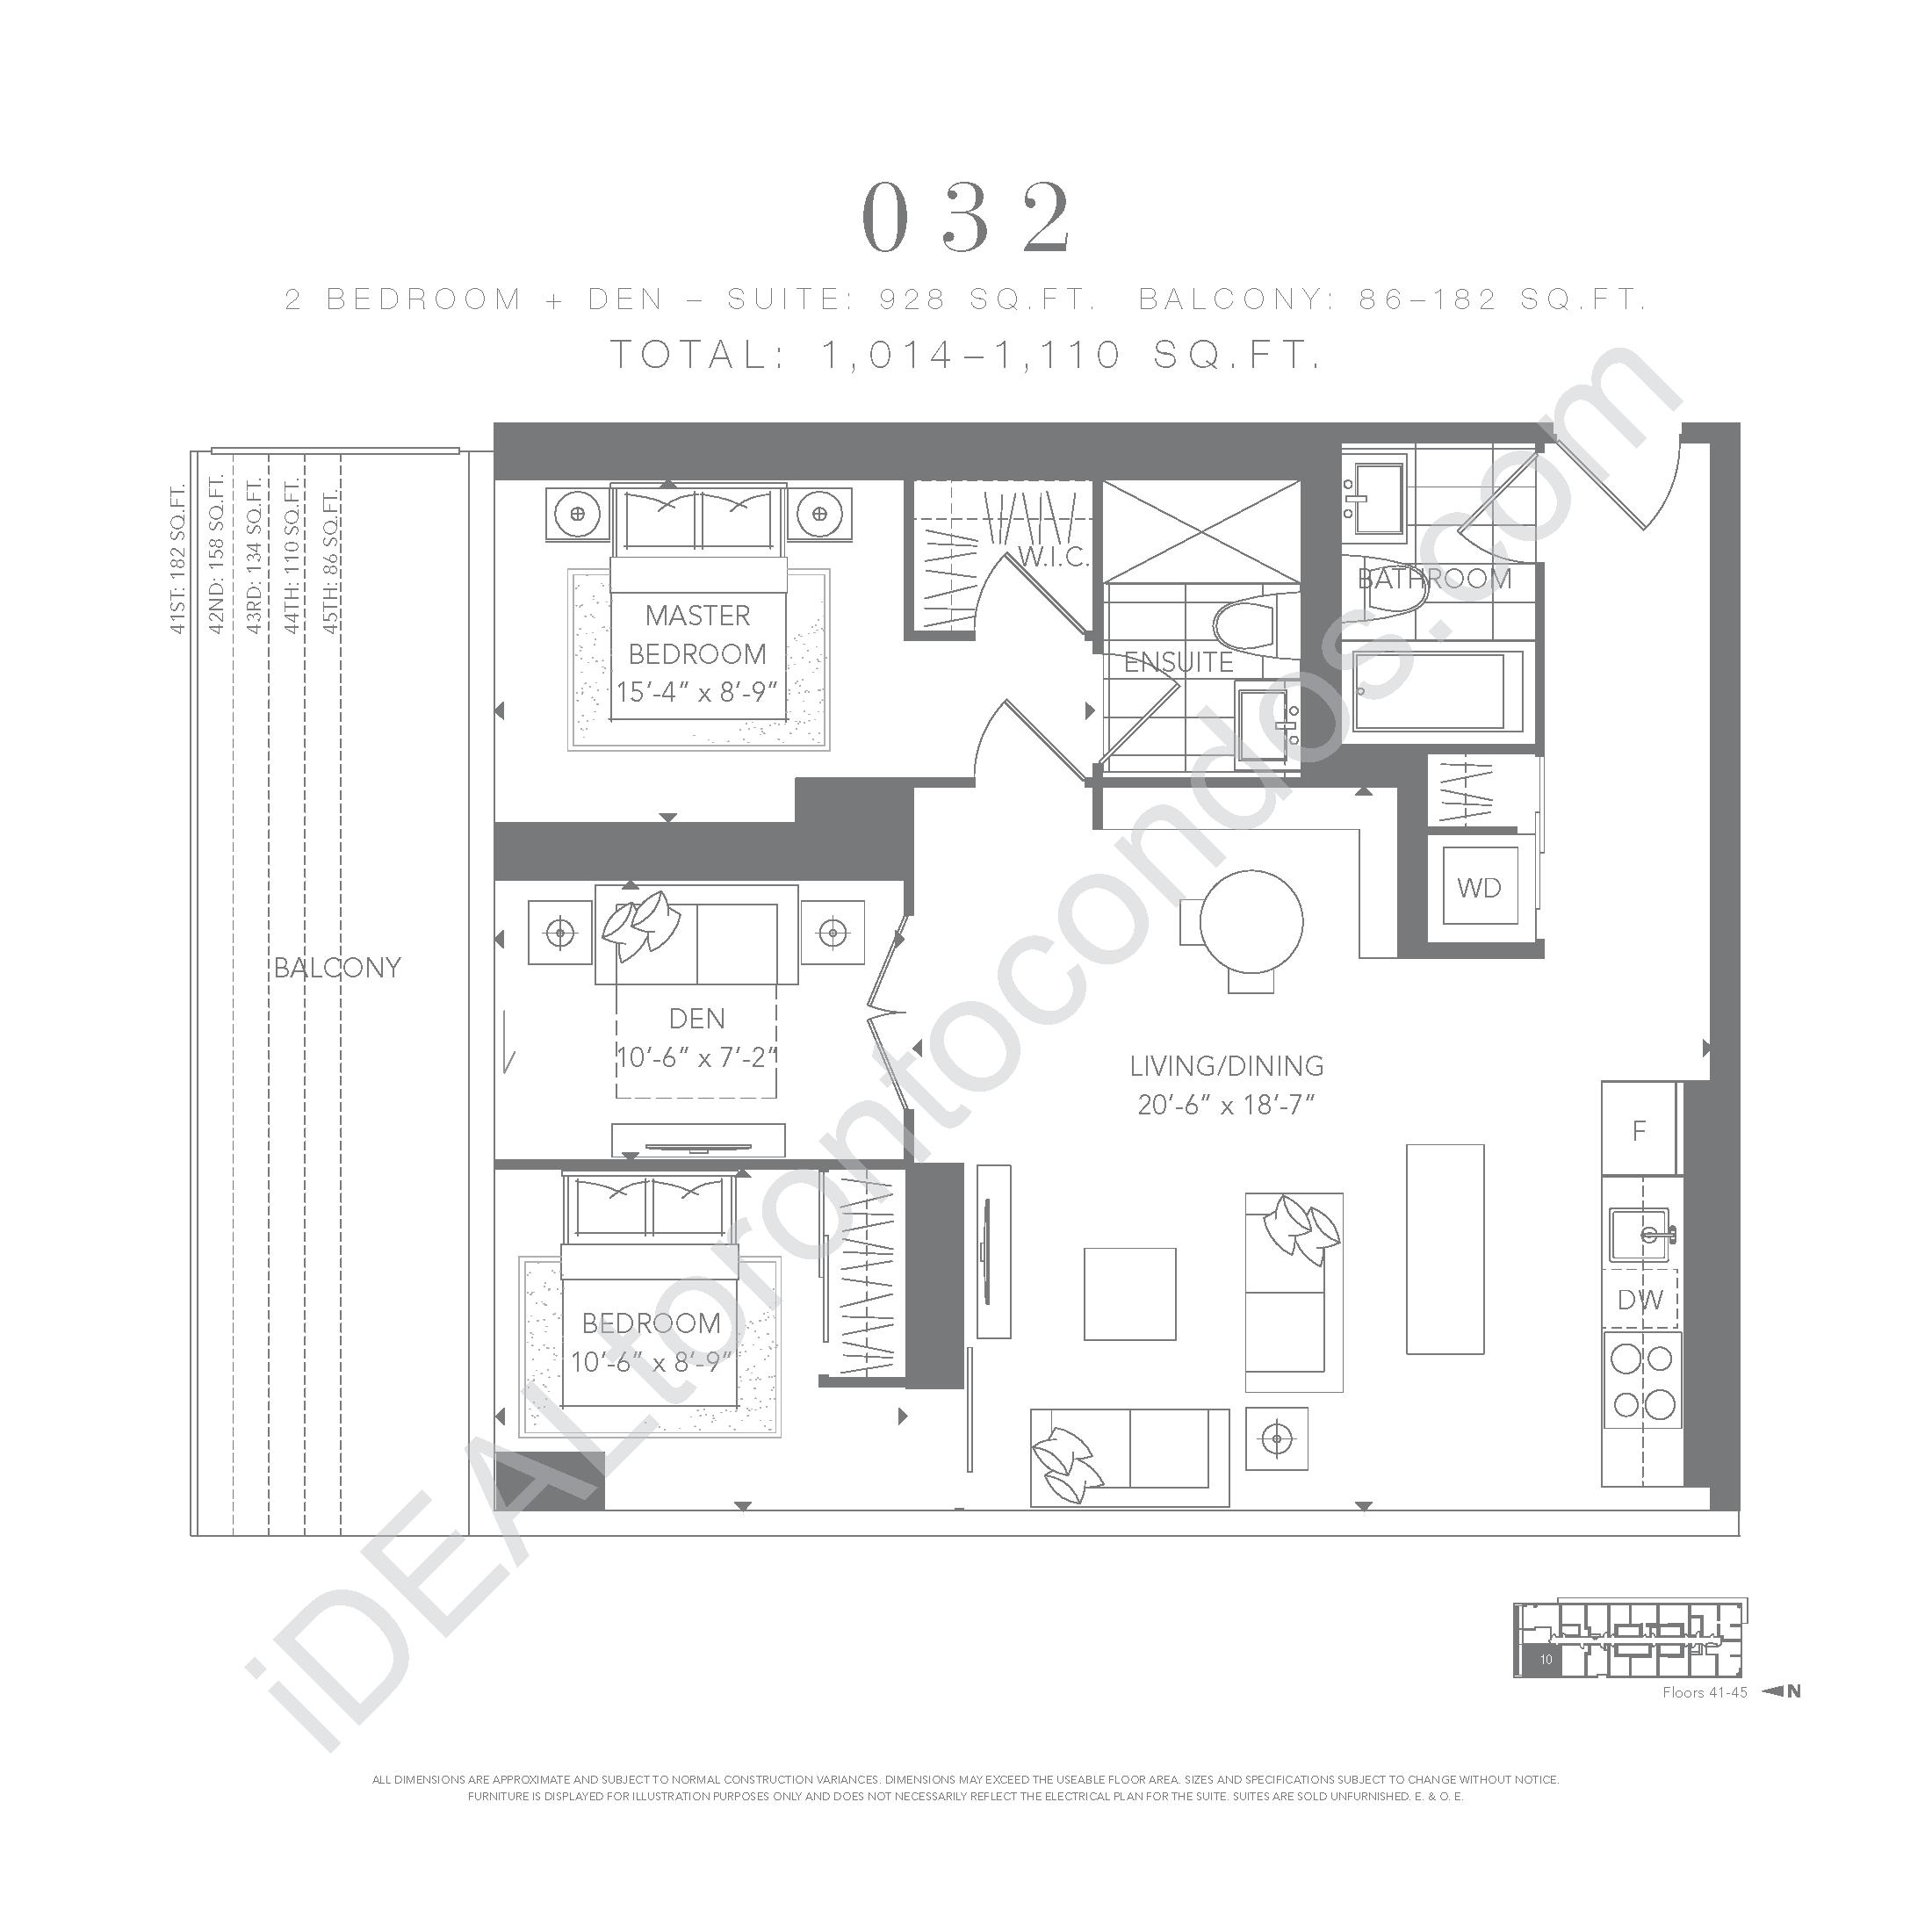 2 bedroom 032